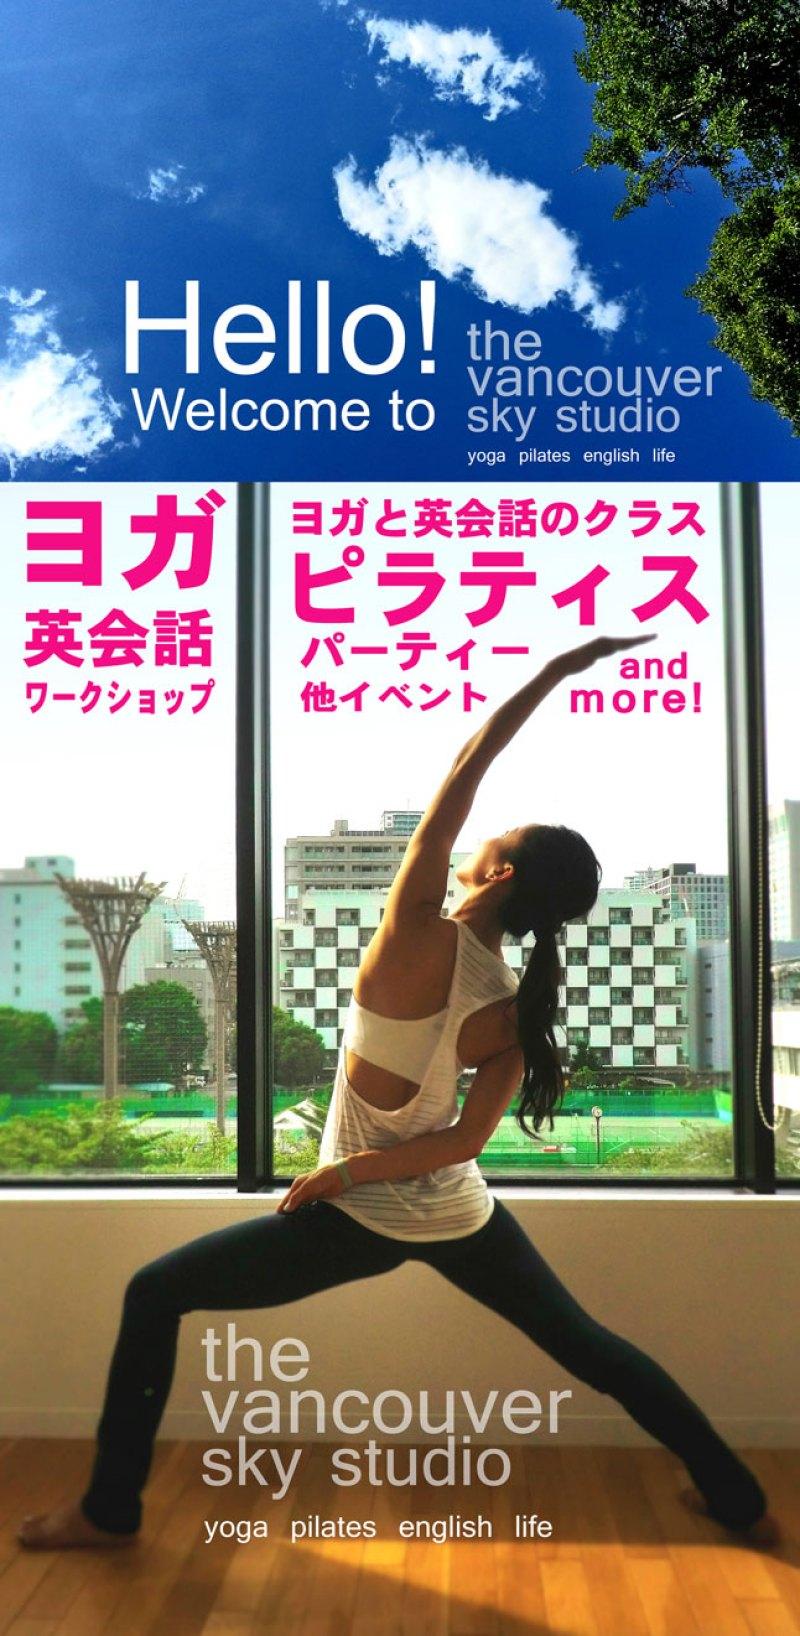 大阪西区ヨガピラティス英会話 のスタジオ、バンクーバースカイスタジオへようこそ!大阪本町靭公園のすぐ側、カナダバンクーバーの様な開放感たっぷりの空間でヨガ、ピラティス。朝ヨガから夜のヨガまで色んな空と一緒にヨガを楽しめます! 大阪の街で異国の空間を…